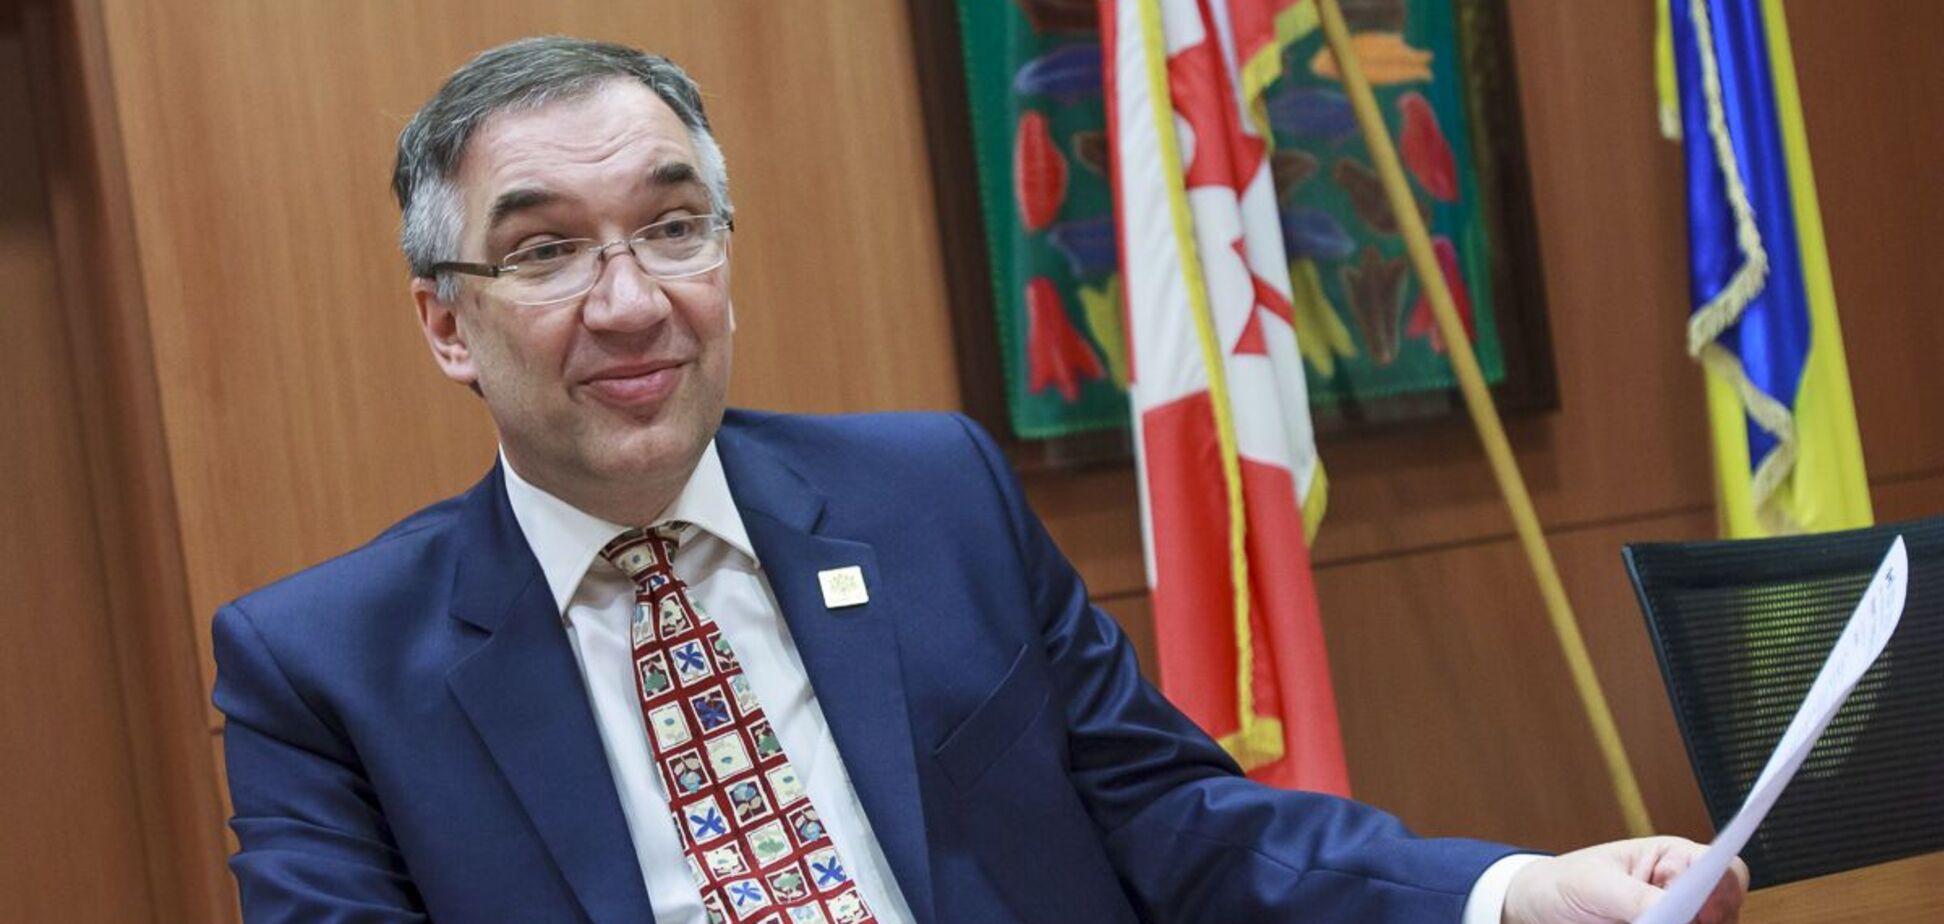 Роман Ващук раскритиковал общественные организации в Украине